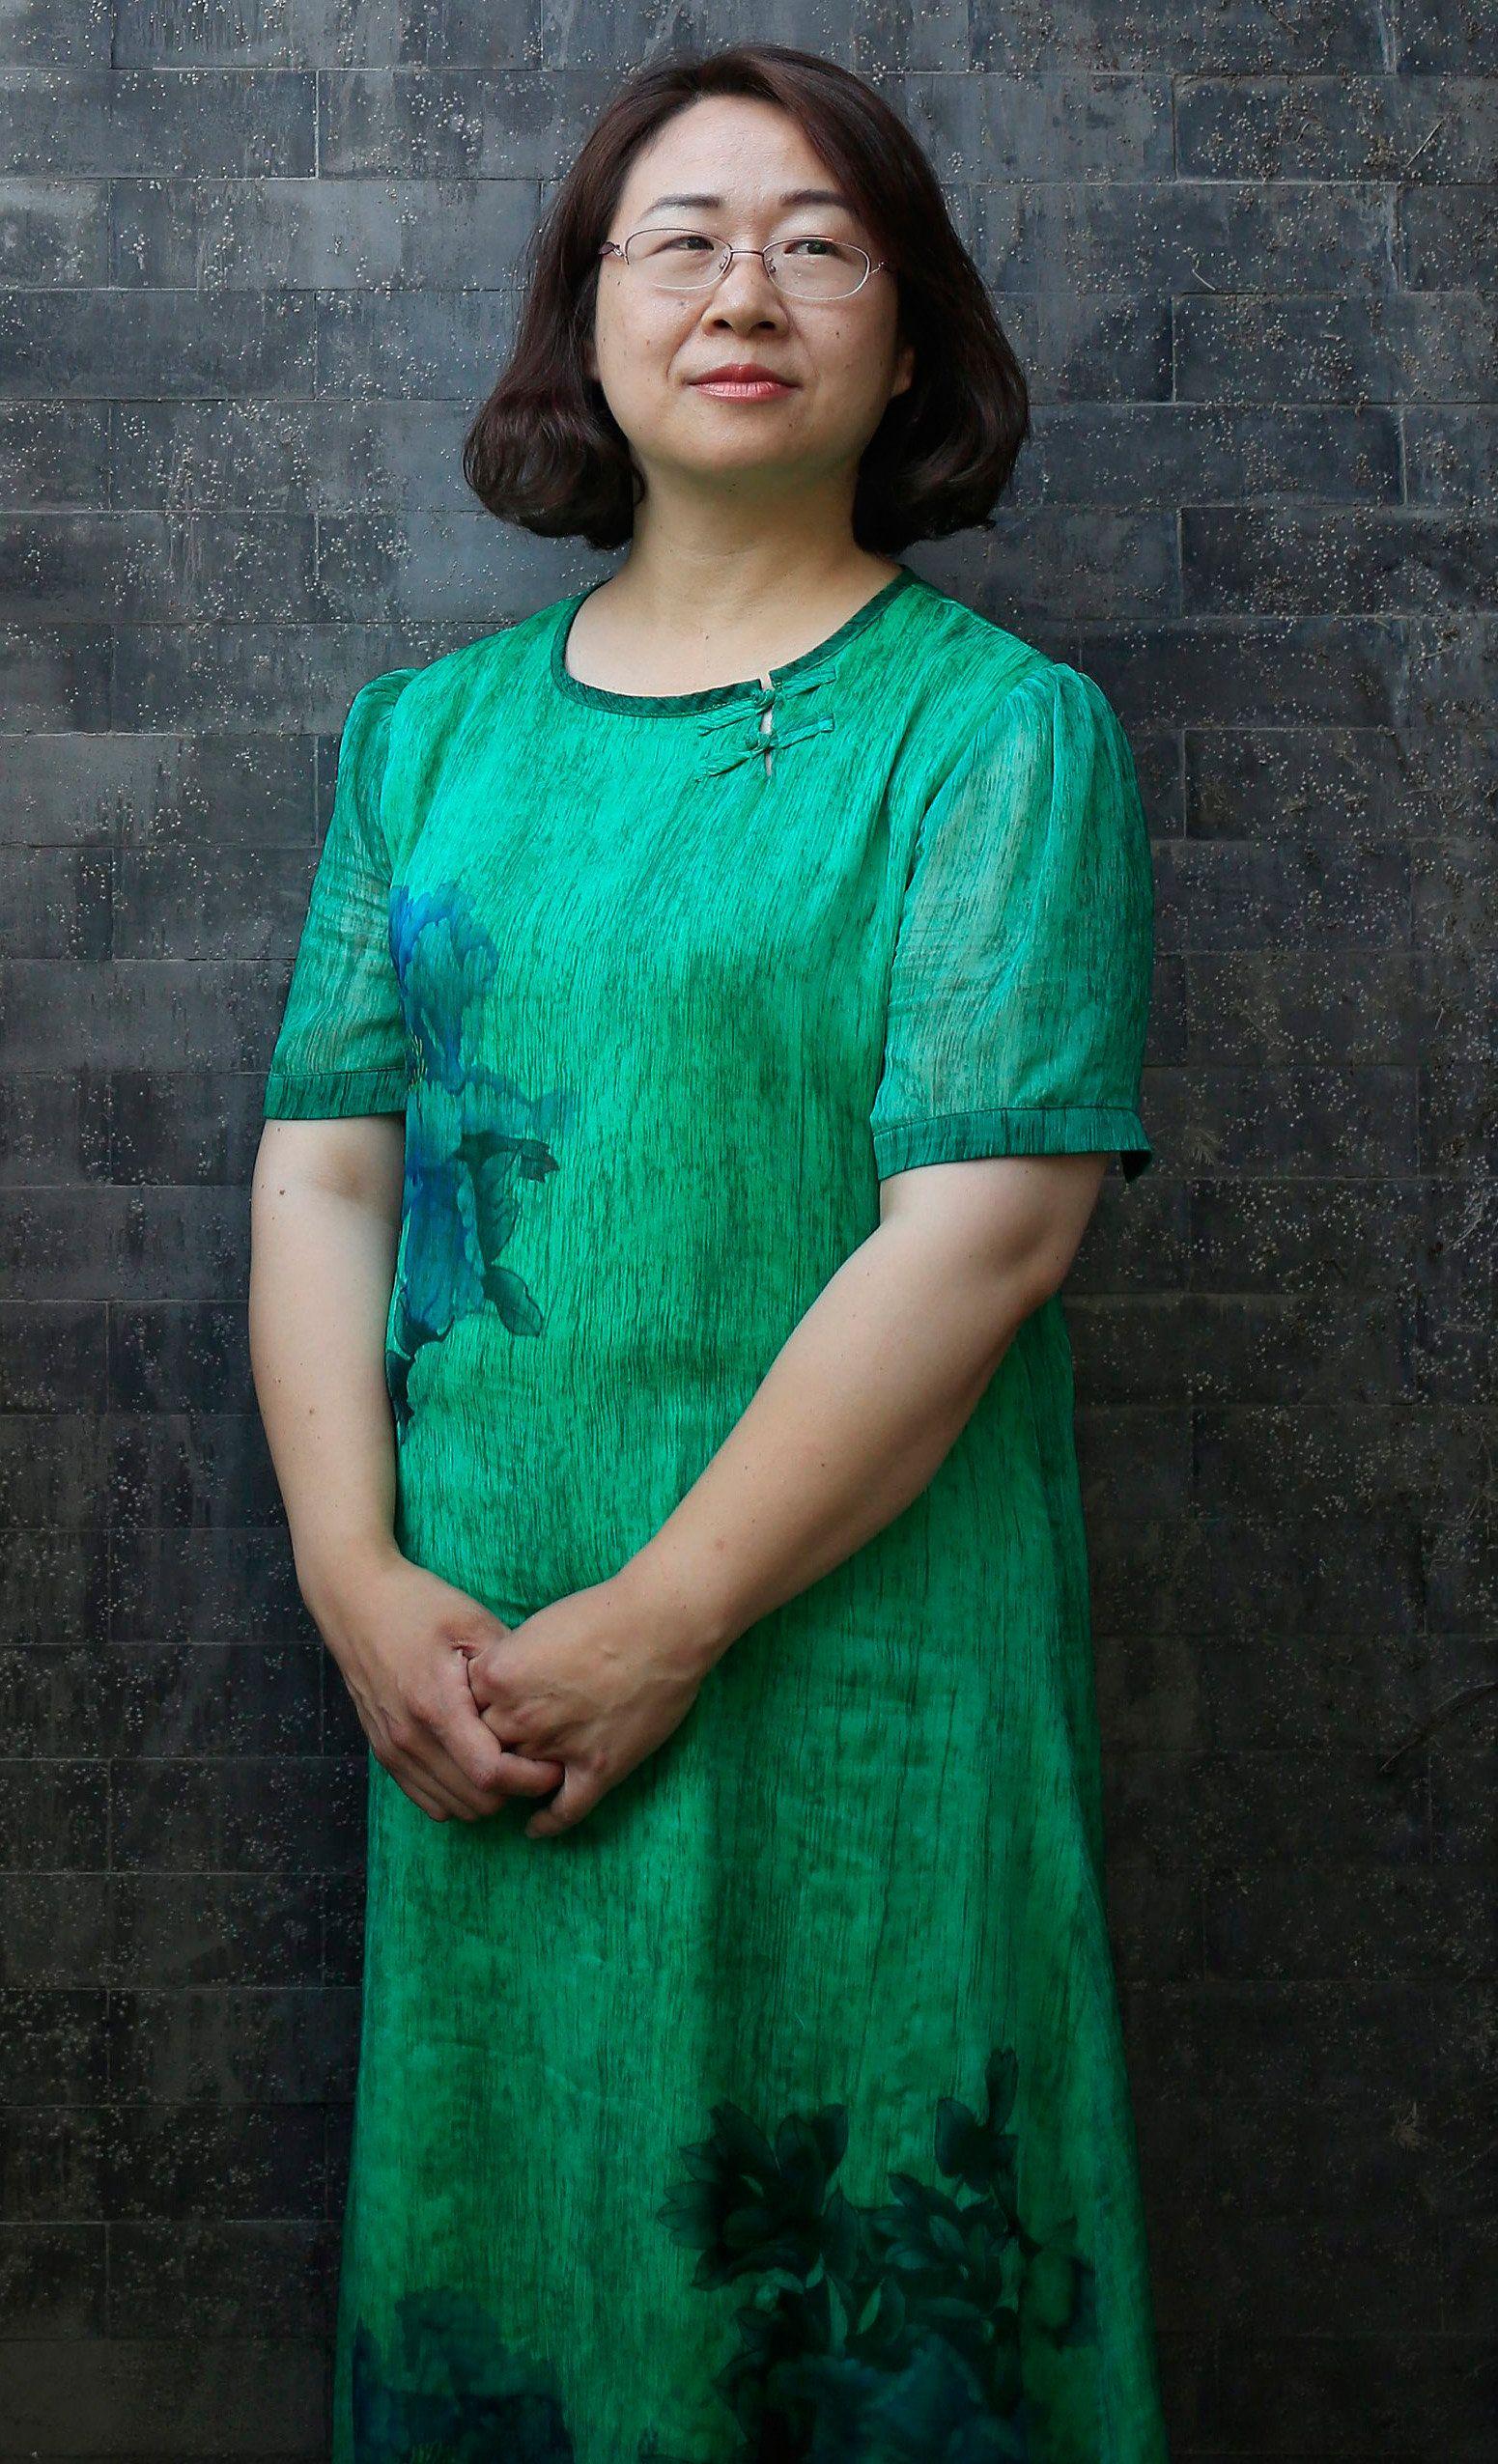 Wang Qiaoling